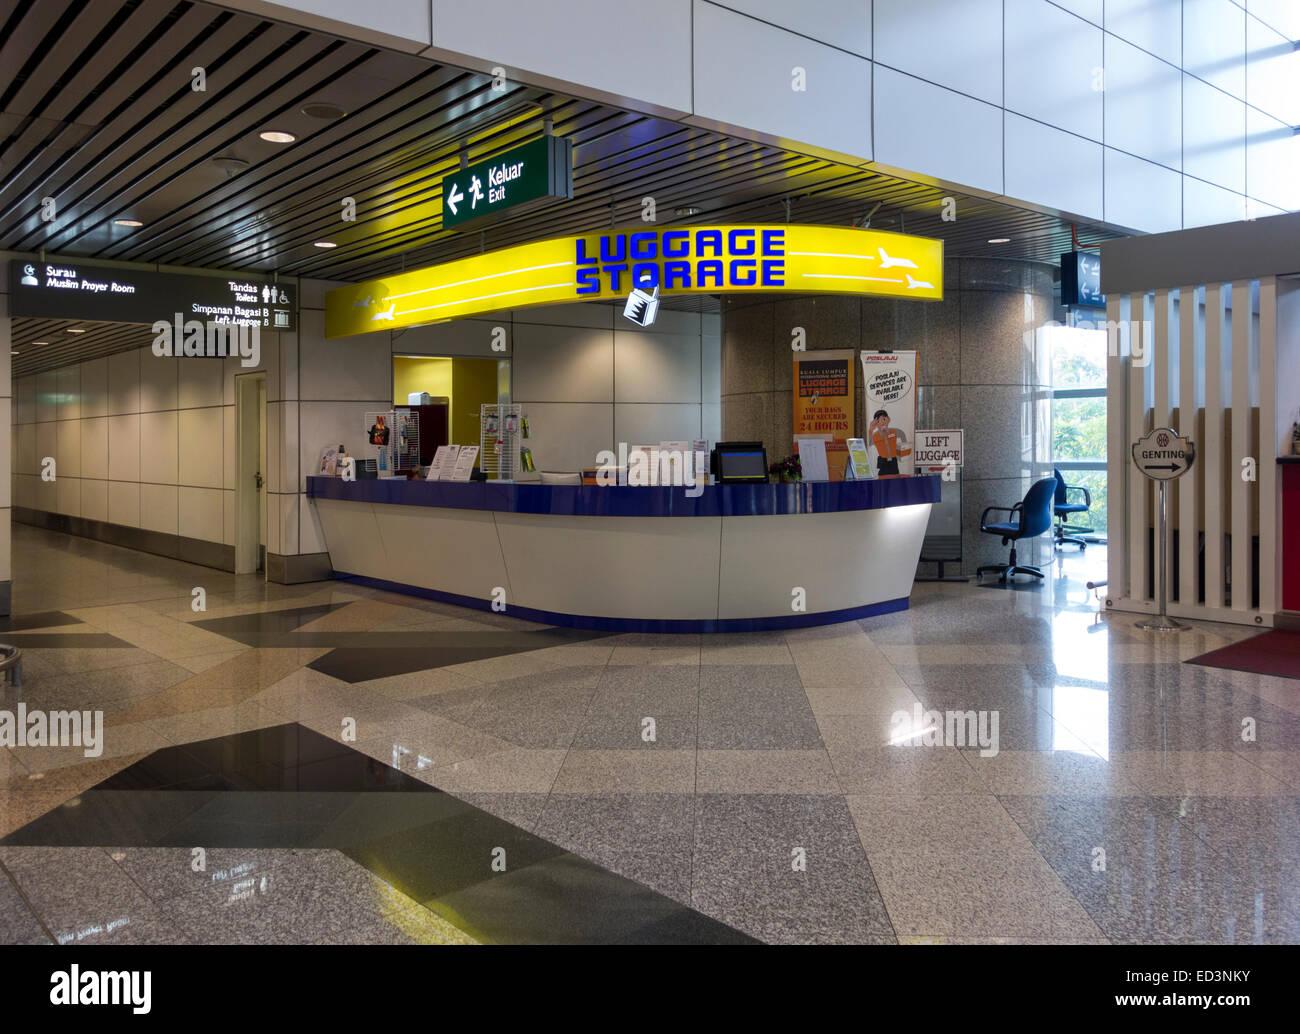 Aeroporto Internazionale di Kuala Lumpur Kuala Lumpur International Airport Deposito bagagli nella sala degli arrivi. Immagini Stock